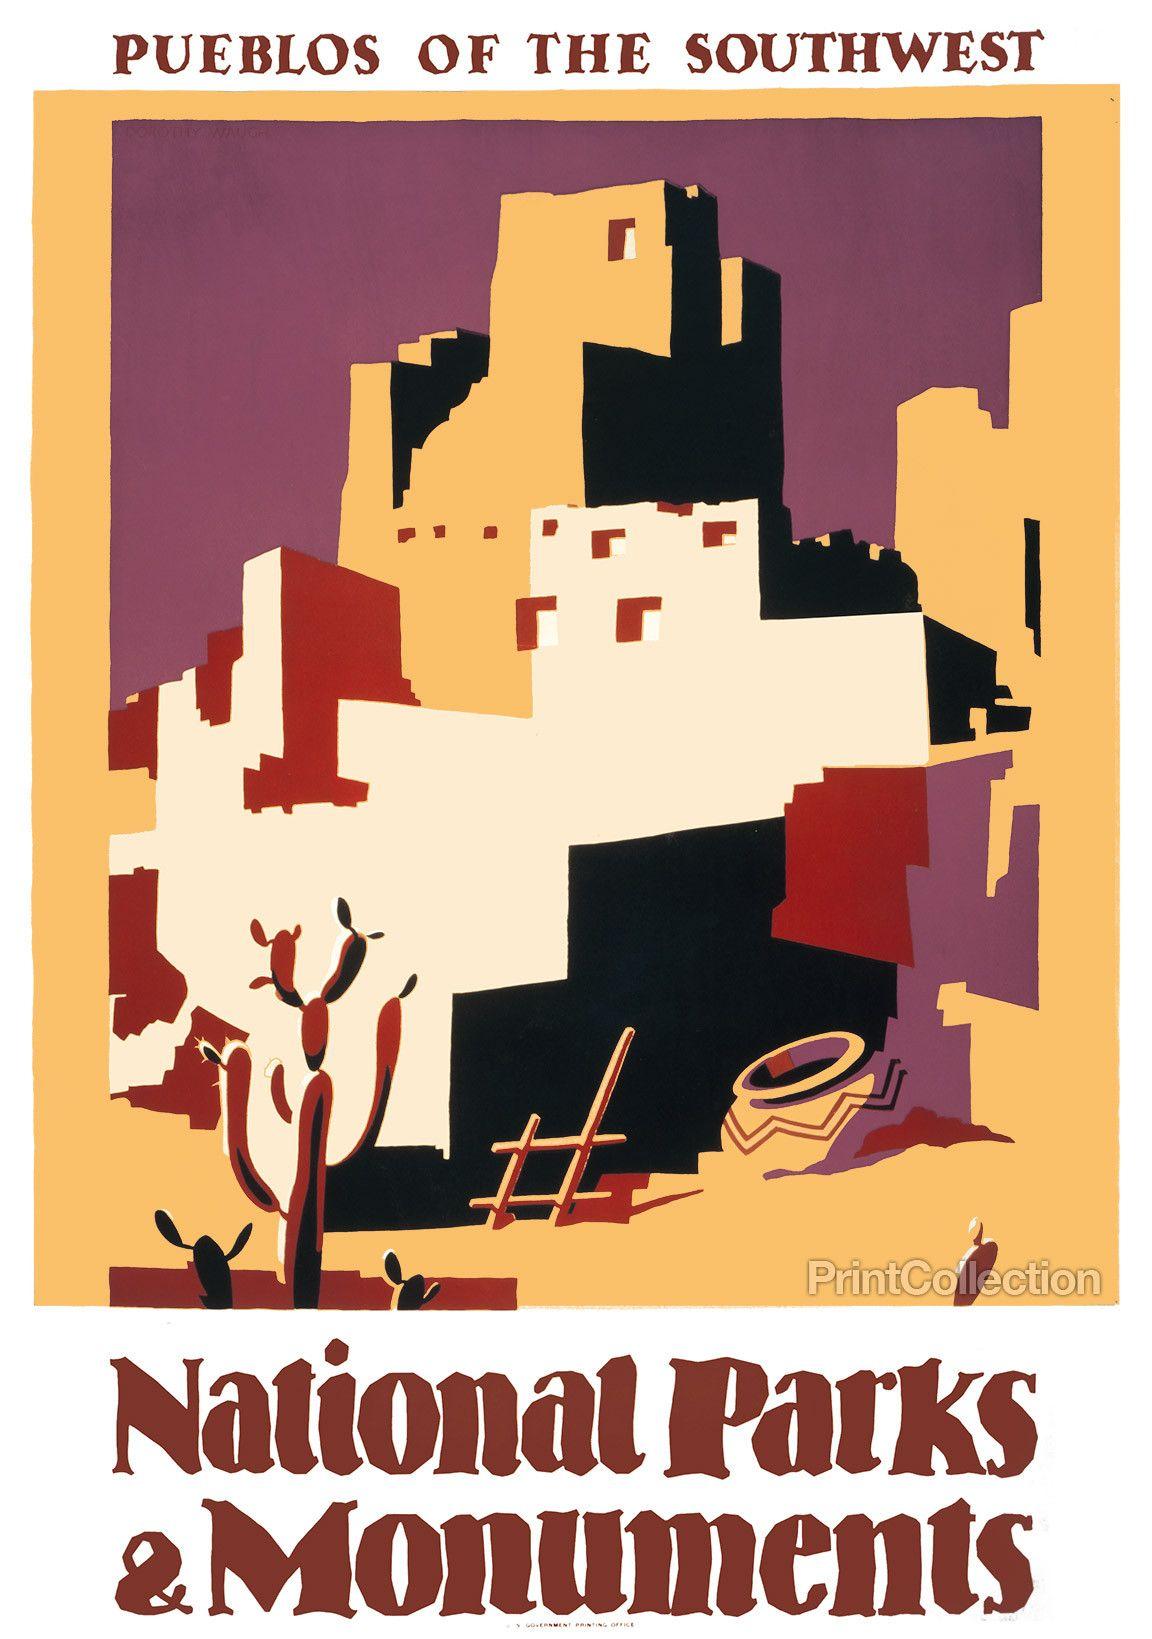 National Parkonuments Pueblos Of The Southwest